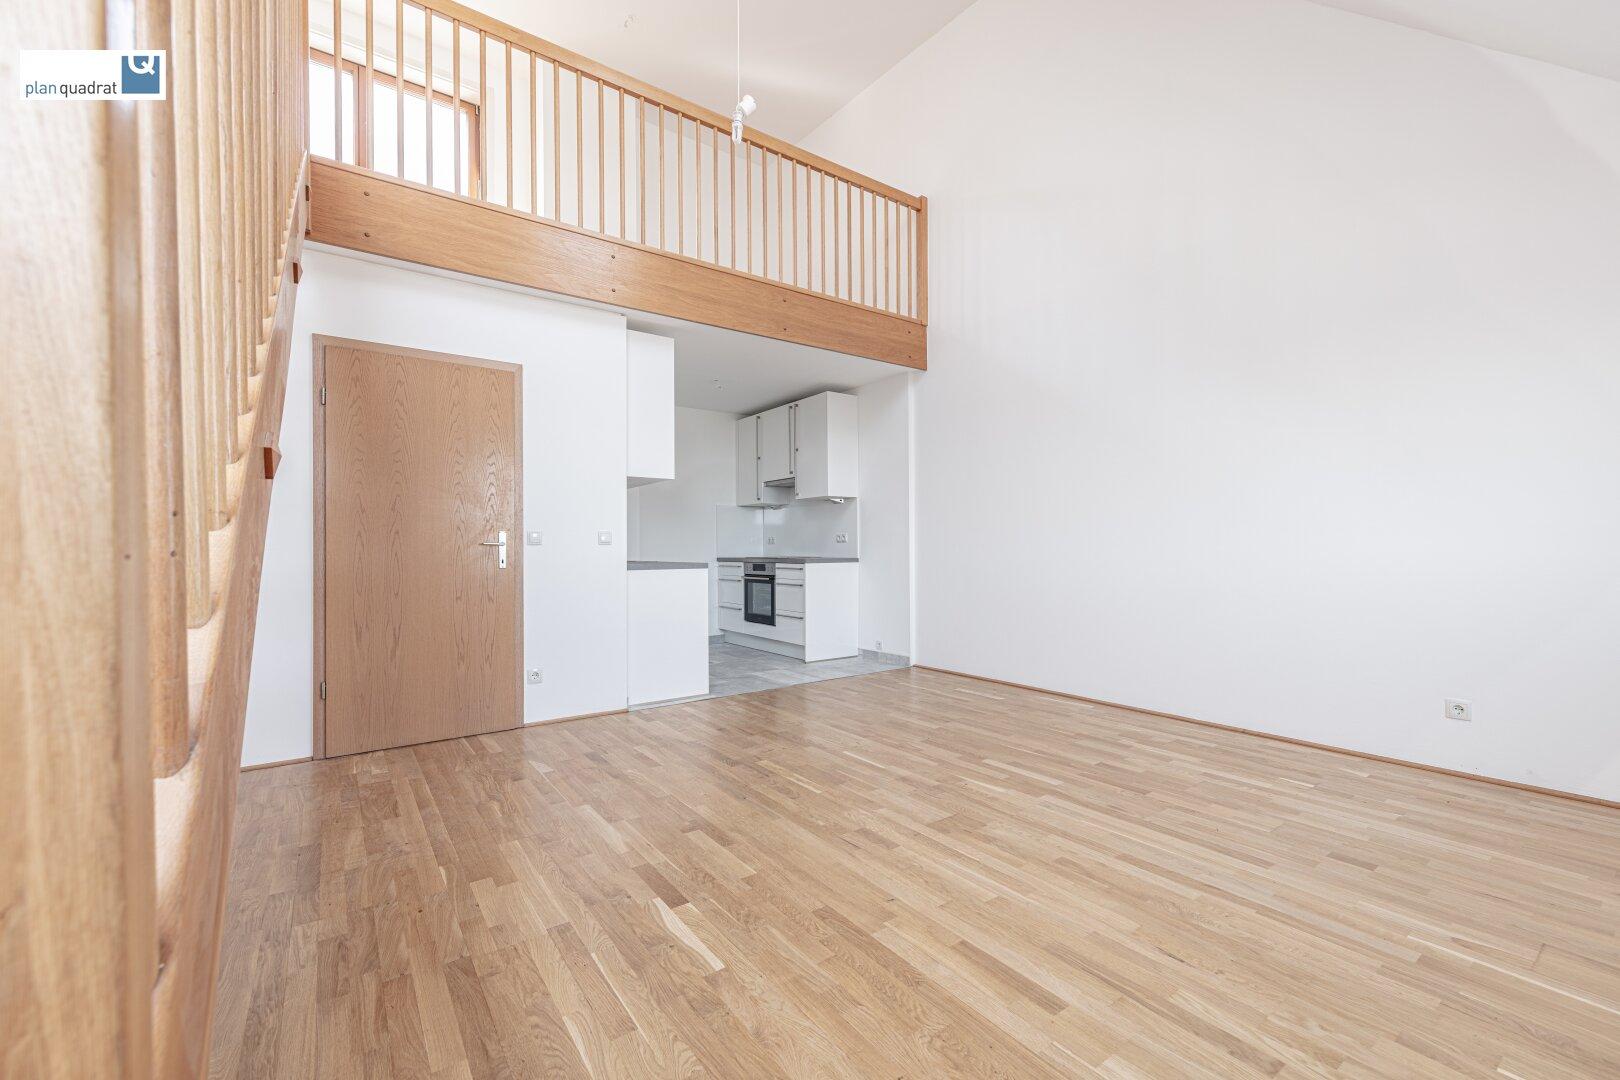 Wohn- / Esszimmer (ca. 19,50 m²) mit offen angrenzender Küche und Galerie (ca. 28,40 m²)